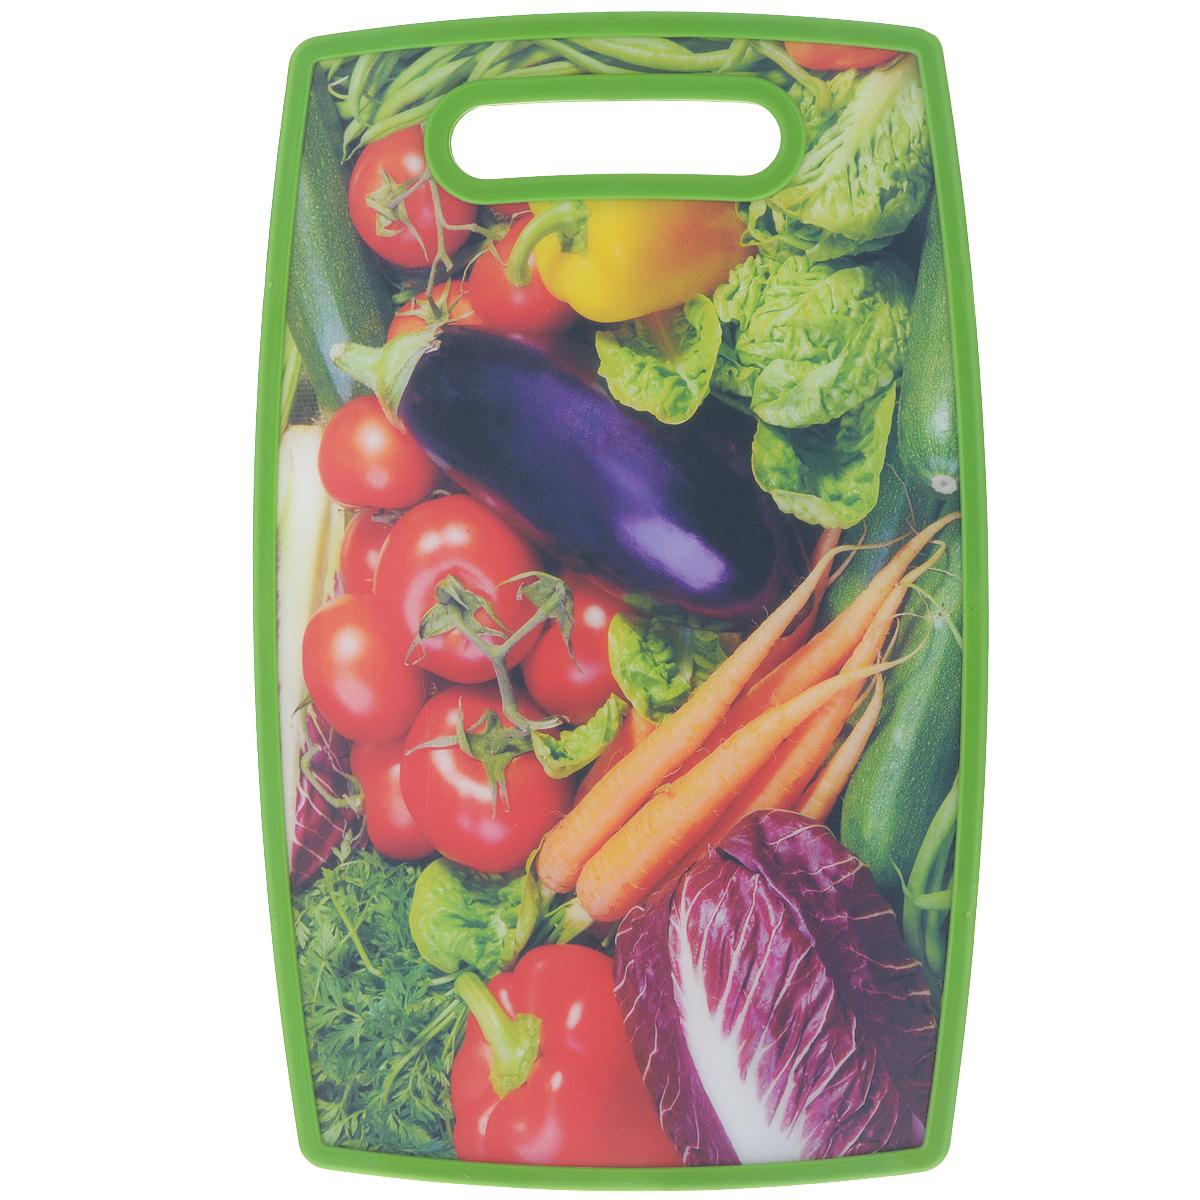 Доска разделочная LaraCook Овощи, 23 х 37 смLC-1114Доска разделочная LaraCook Овощи, изготовленная из устойчивого к истиранию пластика, займет достойное место среди аксессуаров на вашей кухне. С одной стороны доска имеет однотонное пластиковое покрытие, а с другой декорирована изображением овощей. Доска имеет высокий коэффициент жесткости и прекрасно подойдет для нарезки любых продуктов. Устойчива к деформации и высоким температурам. Можно мыть в посудомоечной машине.